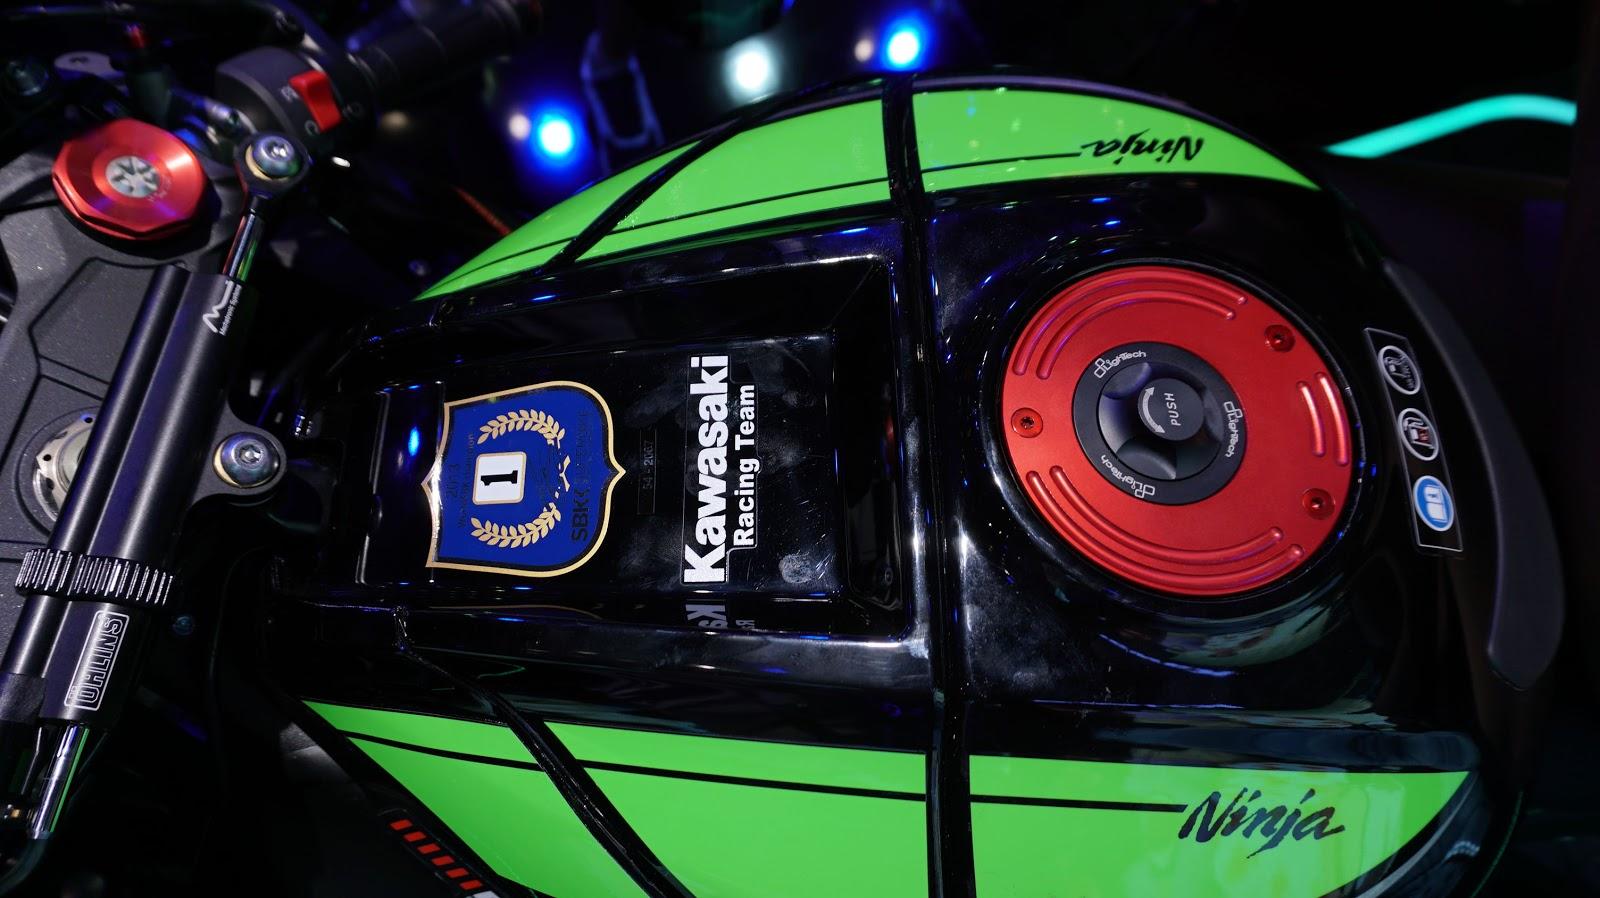 Bình nhiên liệu của Kawasaki Ninja ZX-10R ABS có thể chứa 17 lít xăng